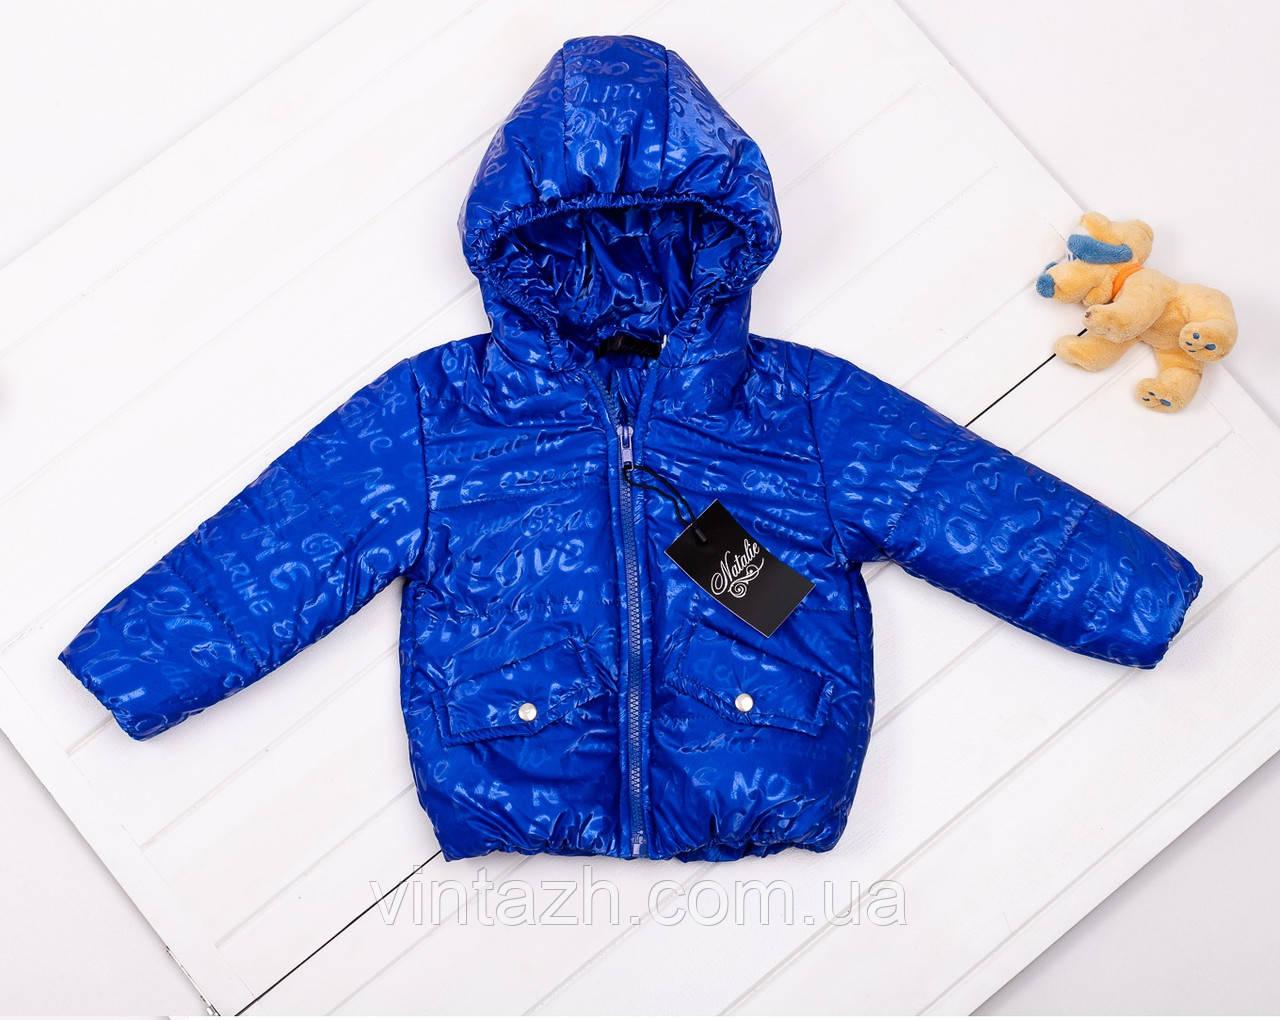 Весенняя яркая детская куртка рост 80-134